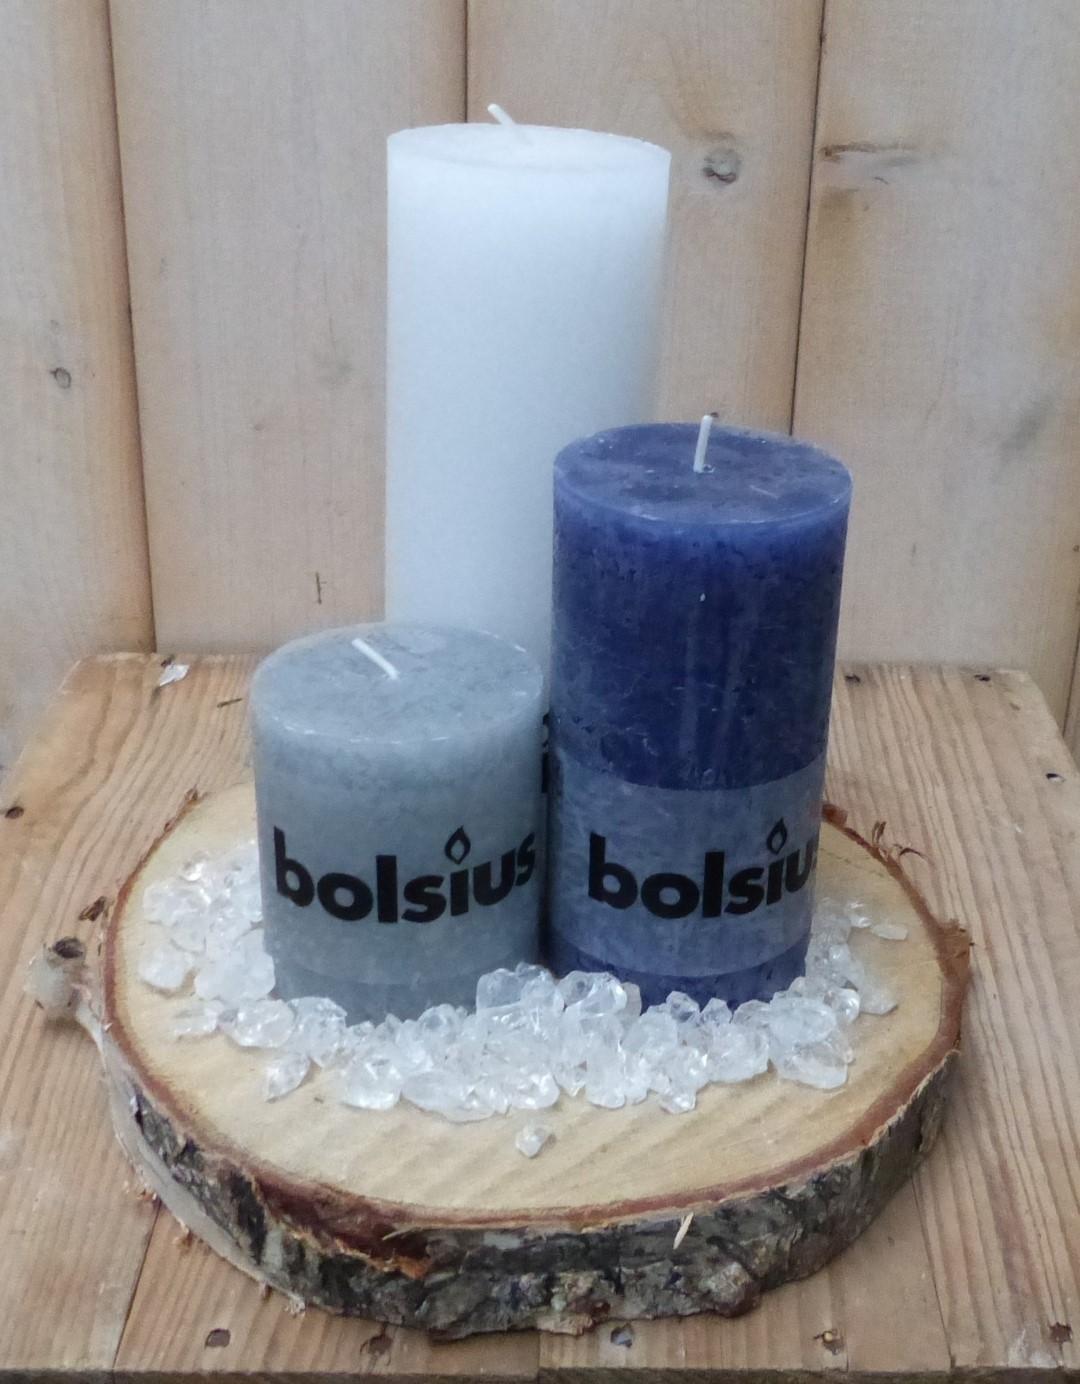 3-delige set kaarsen sneeuwwit, blauw en grijs, grindkleur: doorzichtig, dia. circa 30 cm